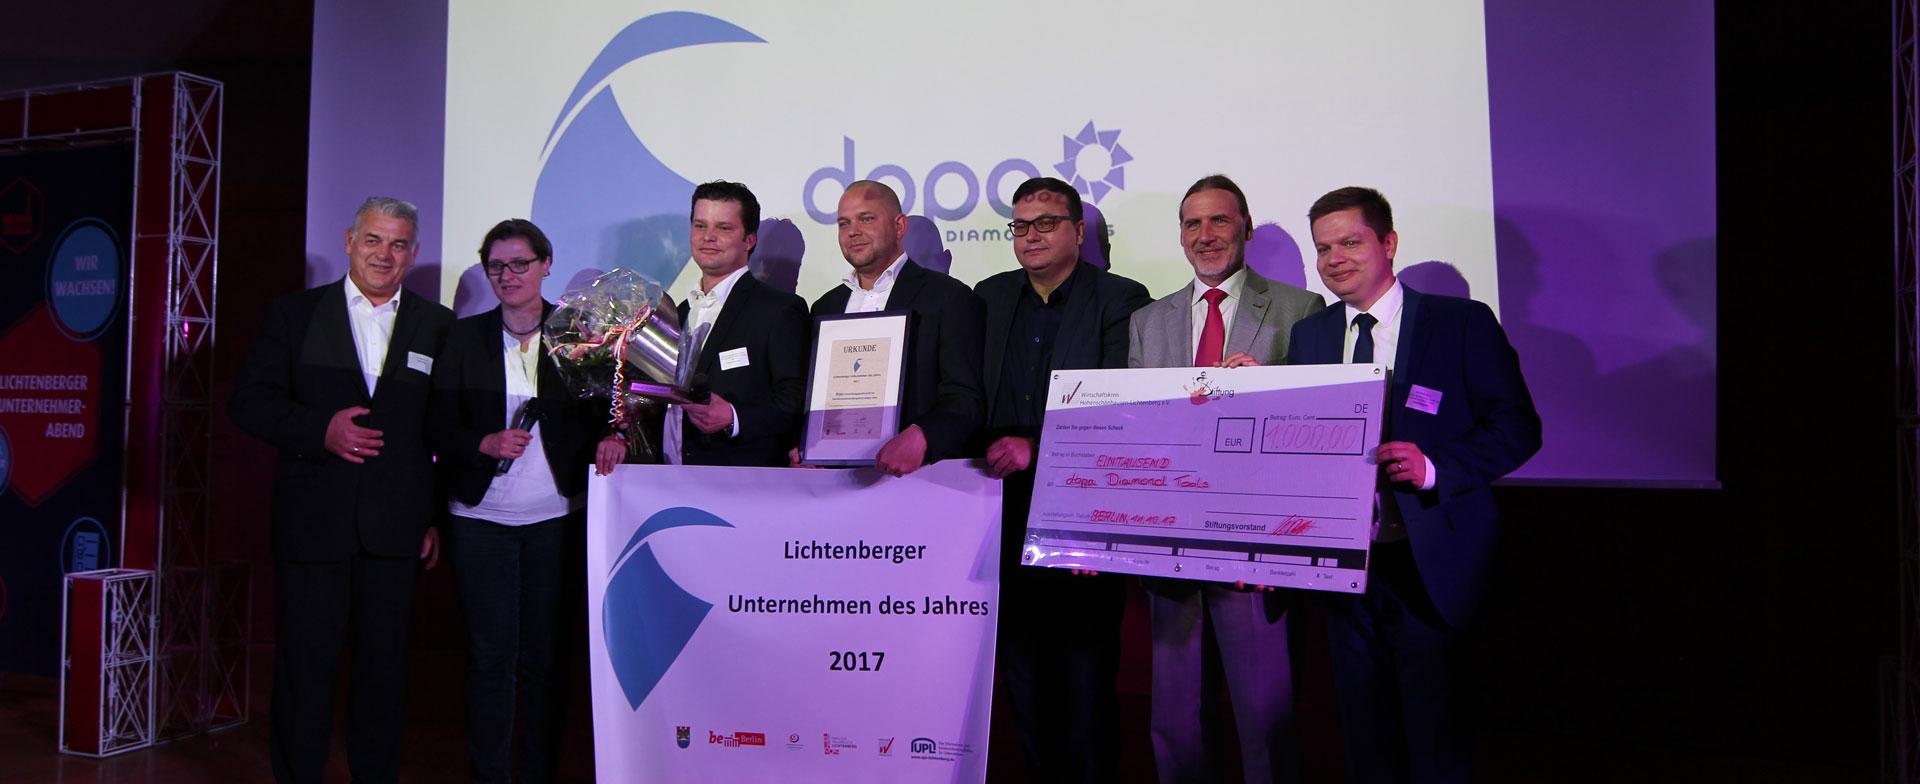 Lichtenberger Unternehmen des Jahres